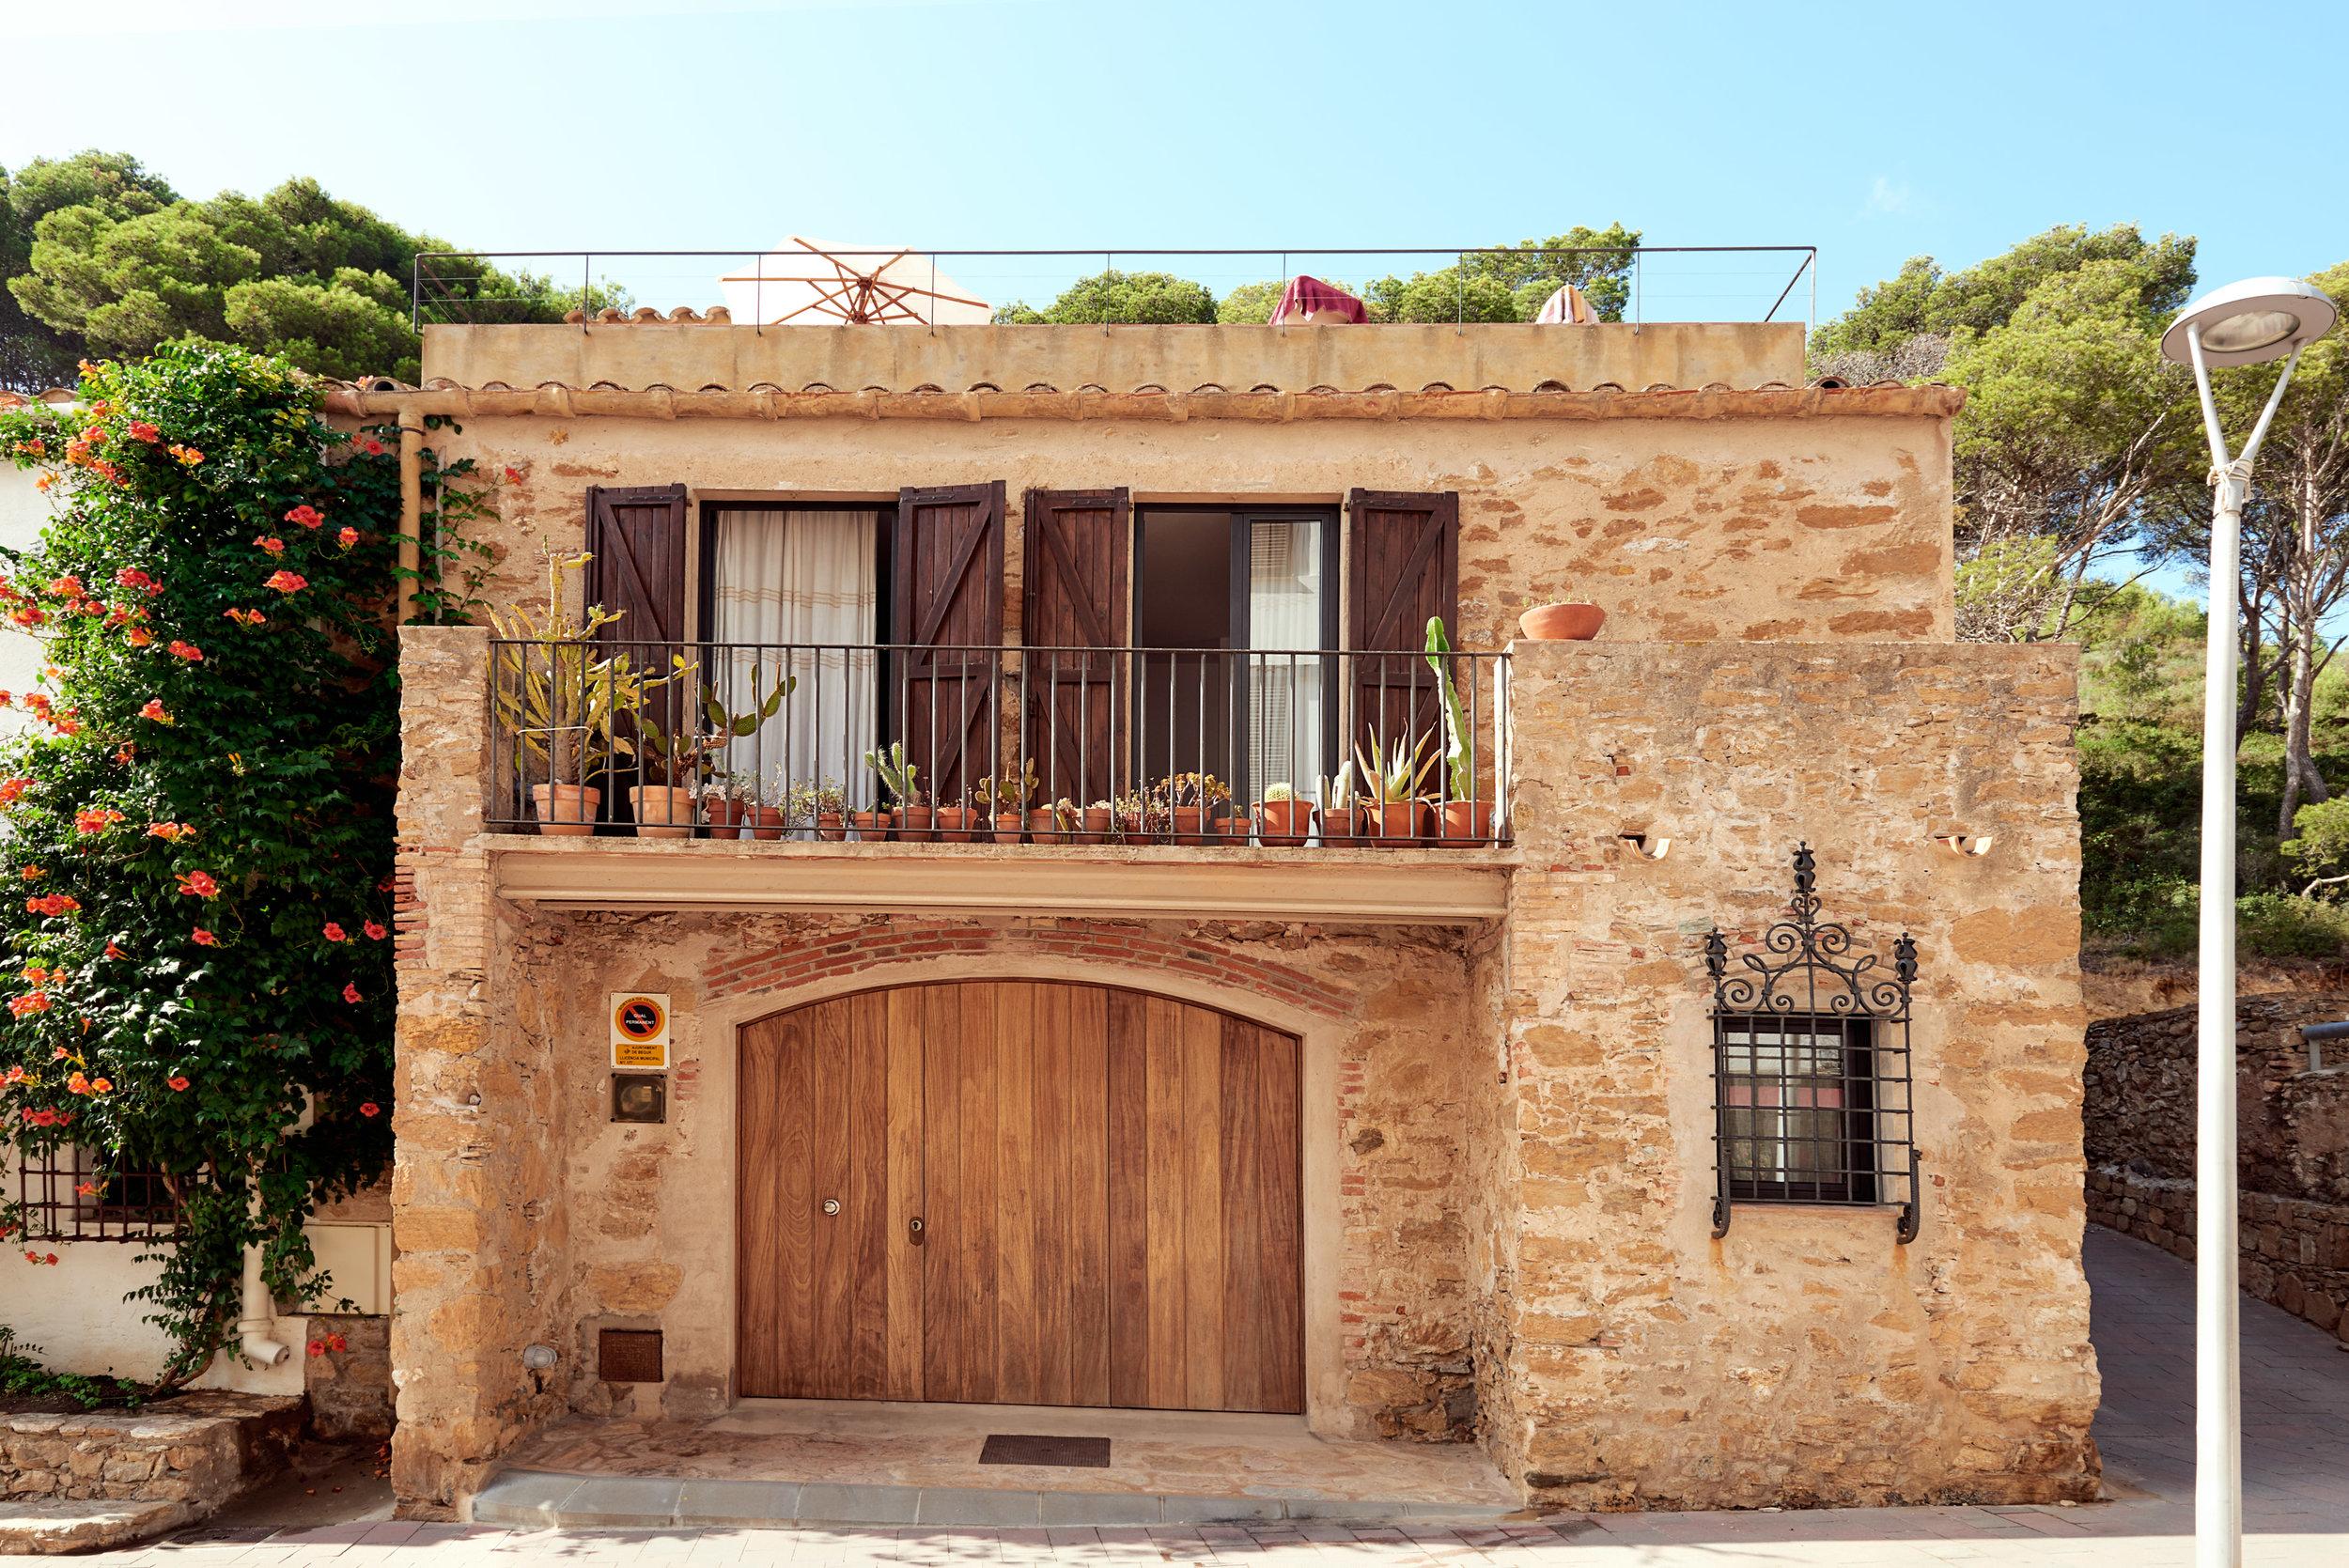 20150830_Travel_Spain-brick-house-web.jpg